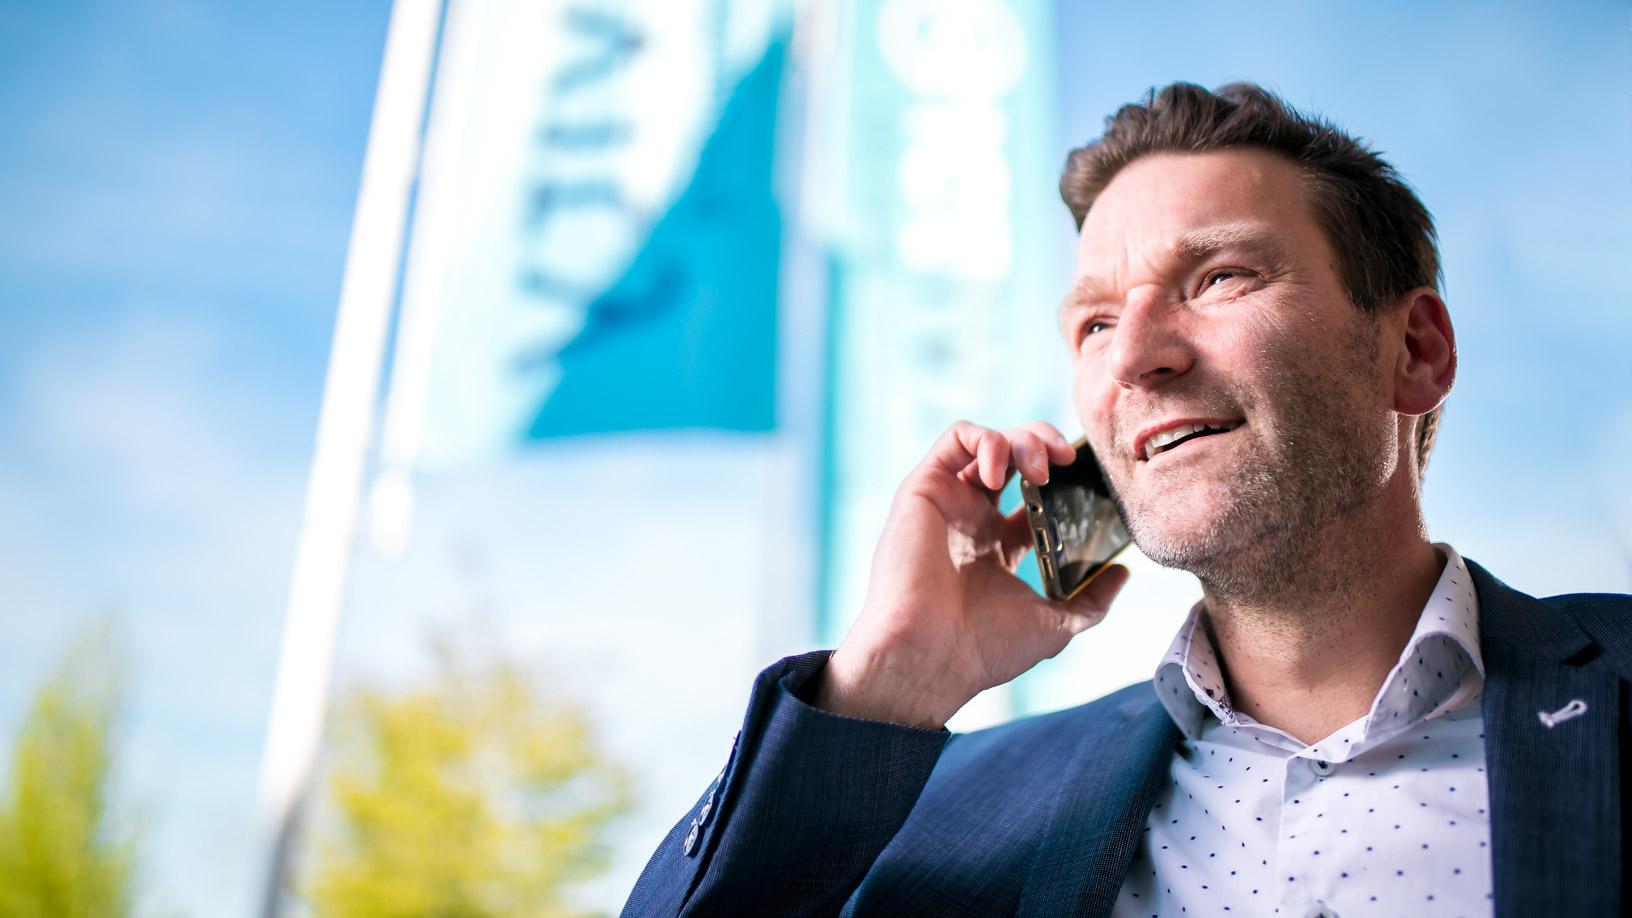 Portfolio-Marketing-Lynx-Ektor-Tsolodimos-Bedrijfsfotografie-Eindhoven-35